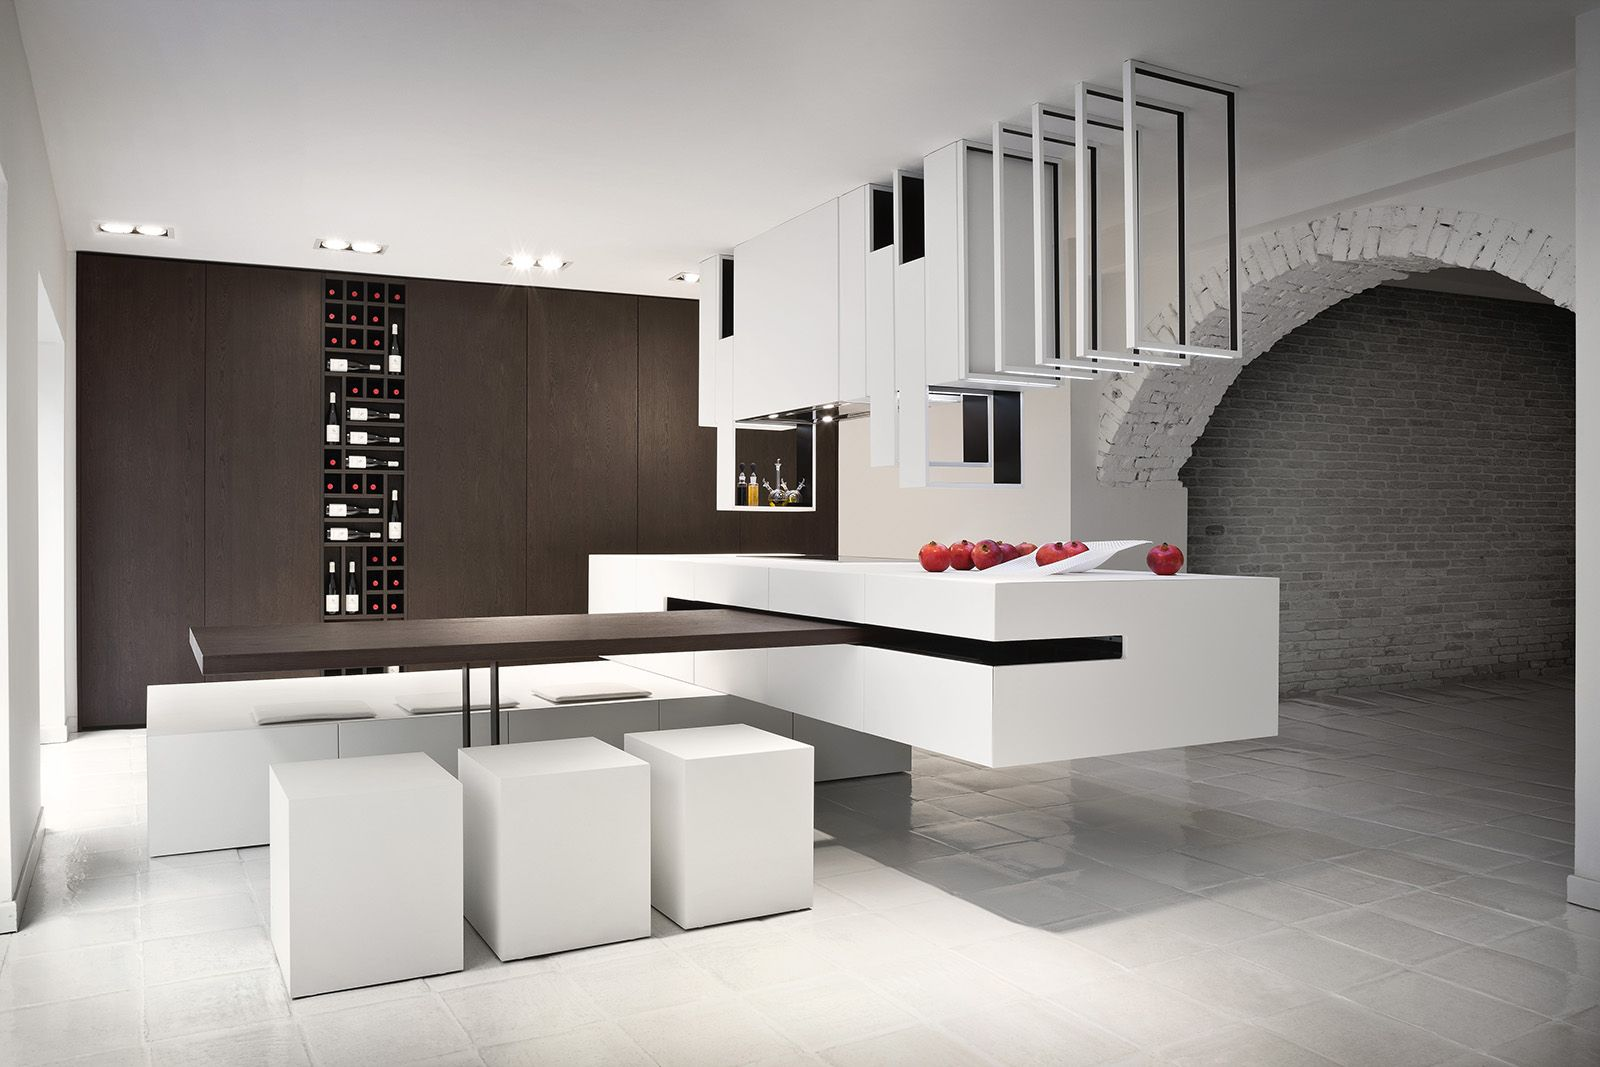 Tavolo Isola ~ Arredare la cucina. tavolo compreso kitchens